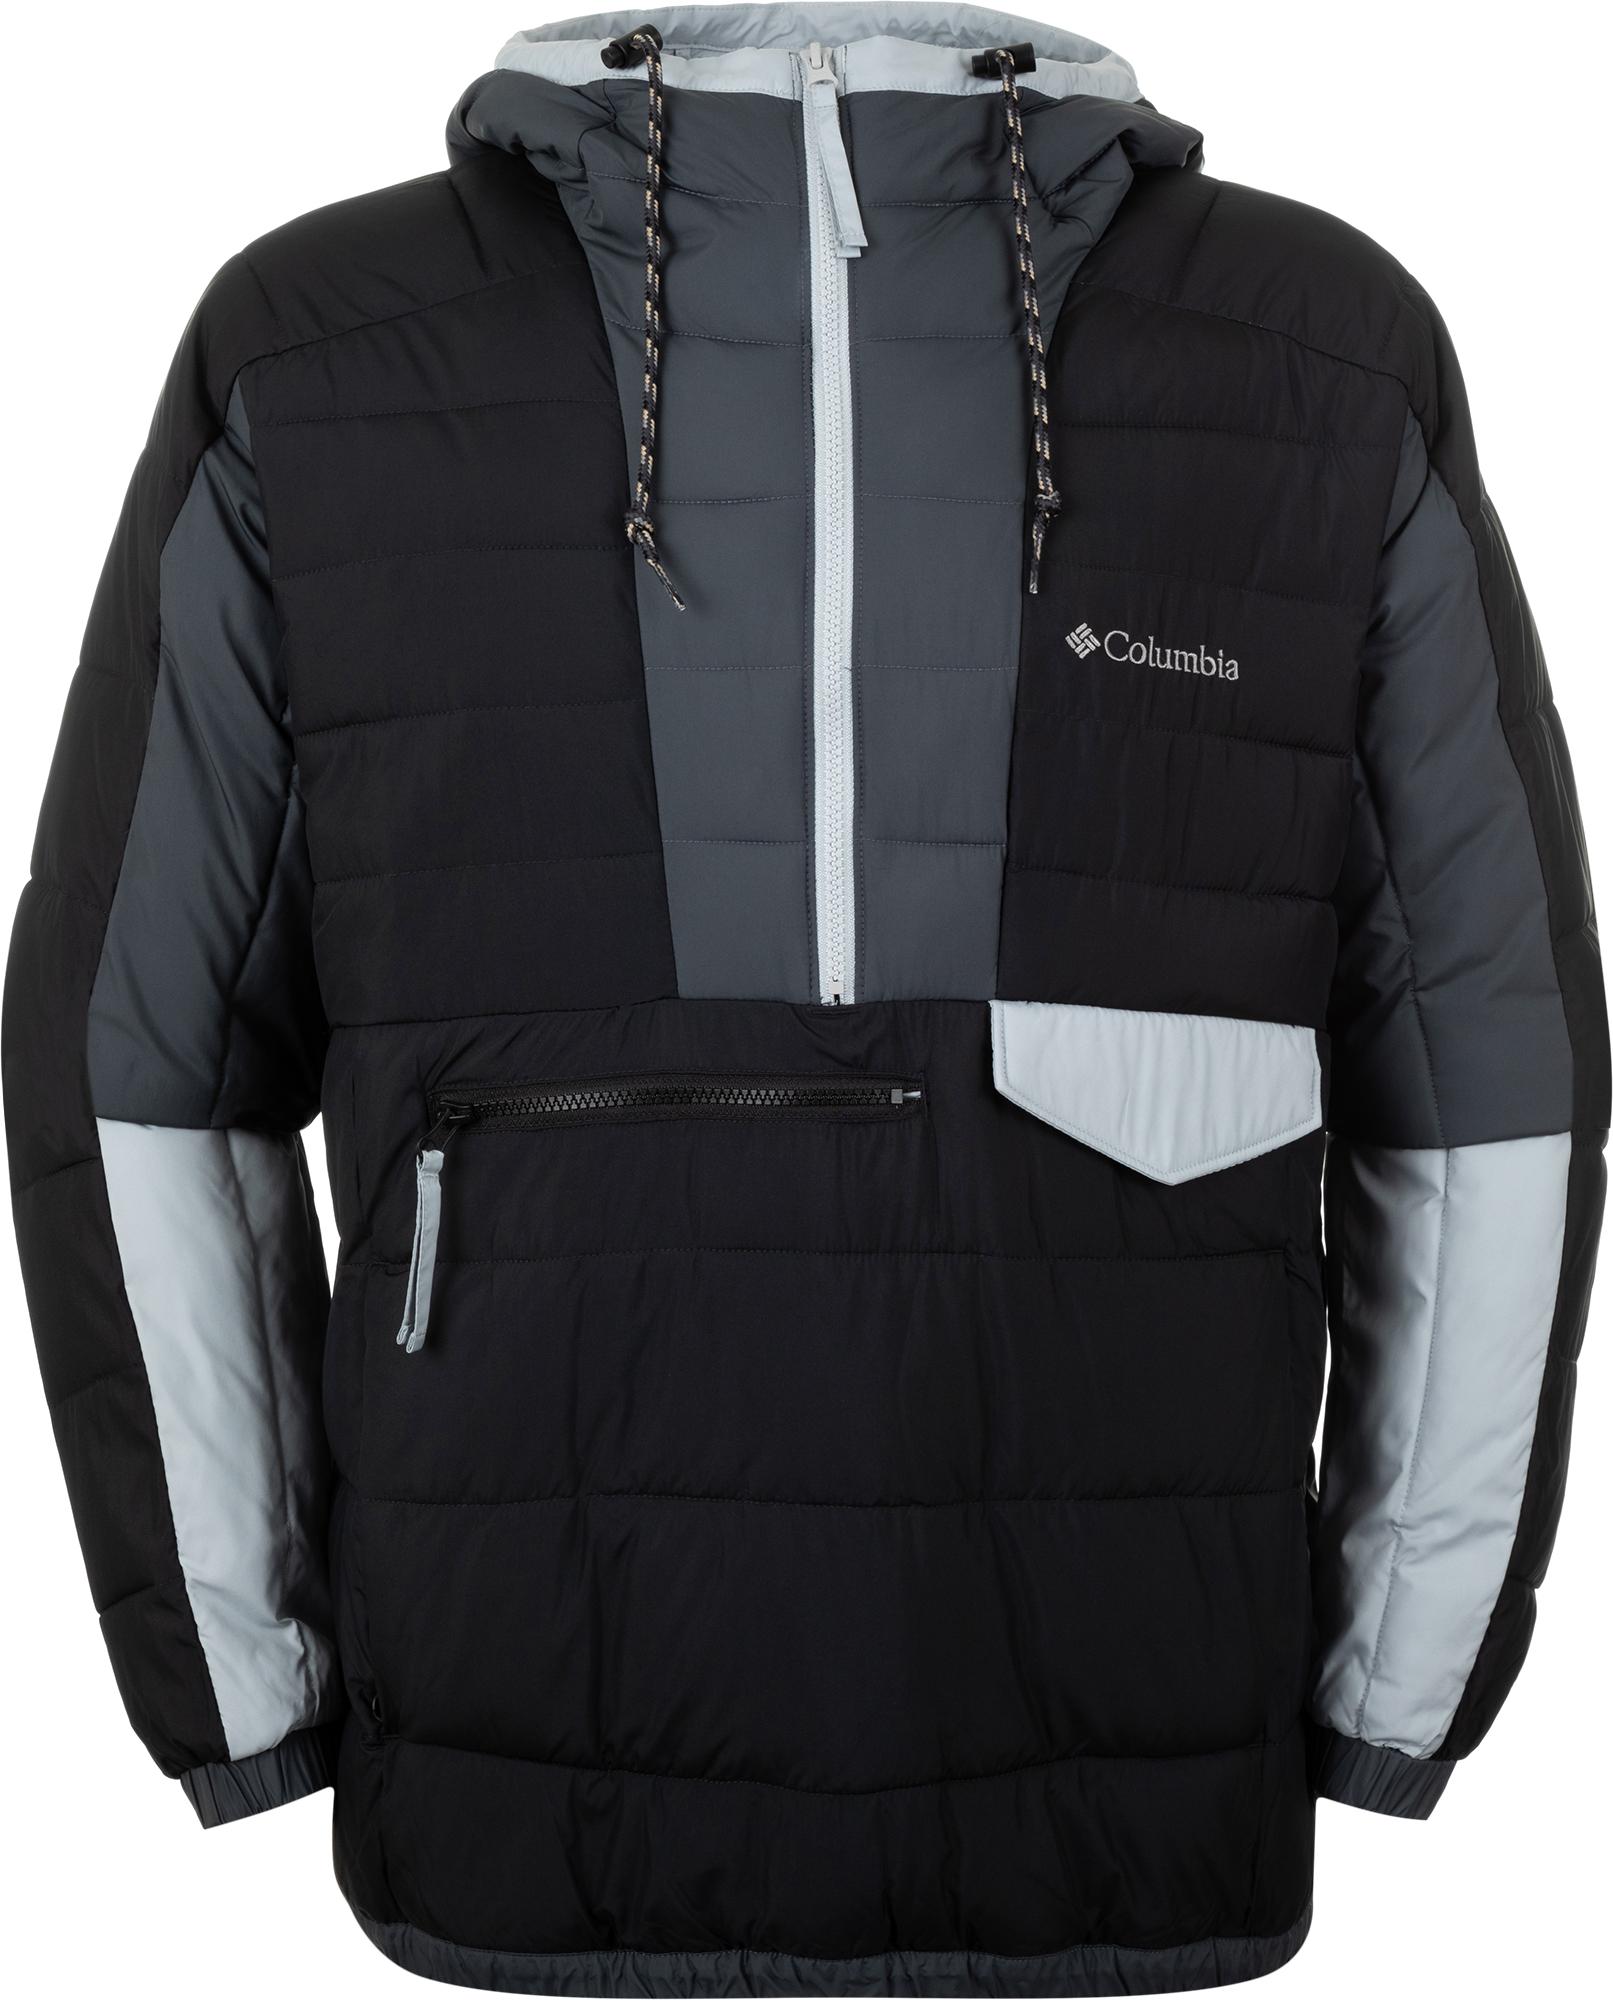 Columbia Куртка утепленная мужская Columbia Norwester Anorak II, размер 48-50 columbia куртка 3 в 1 мужская columbia whirlibird размер 48 50